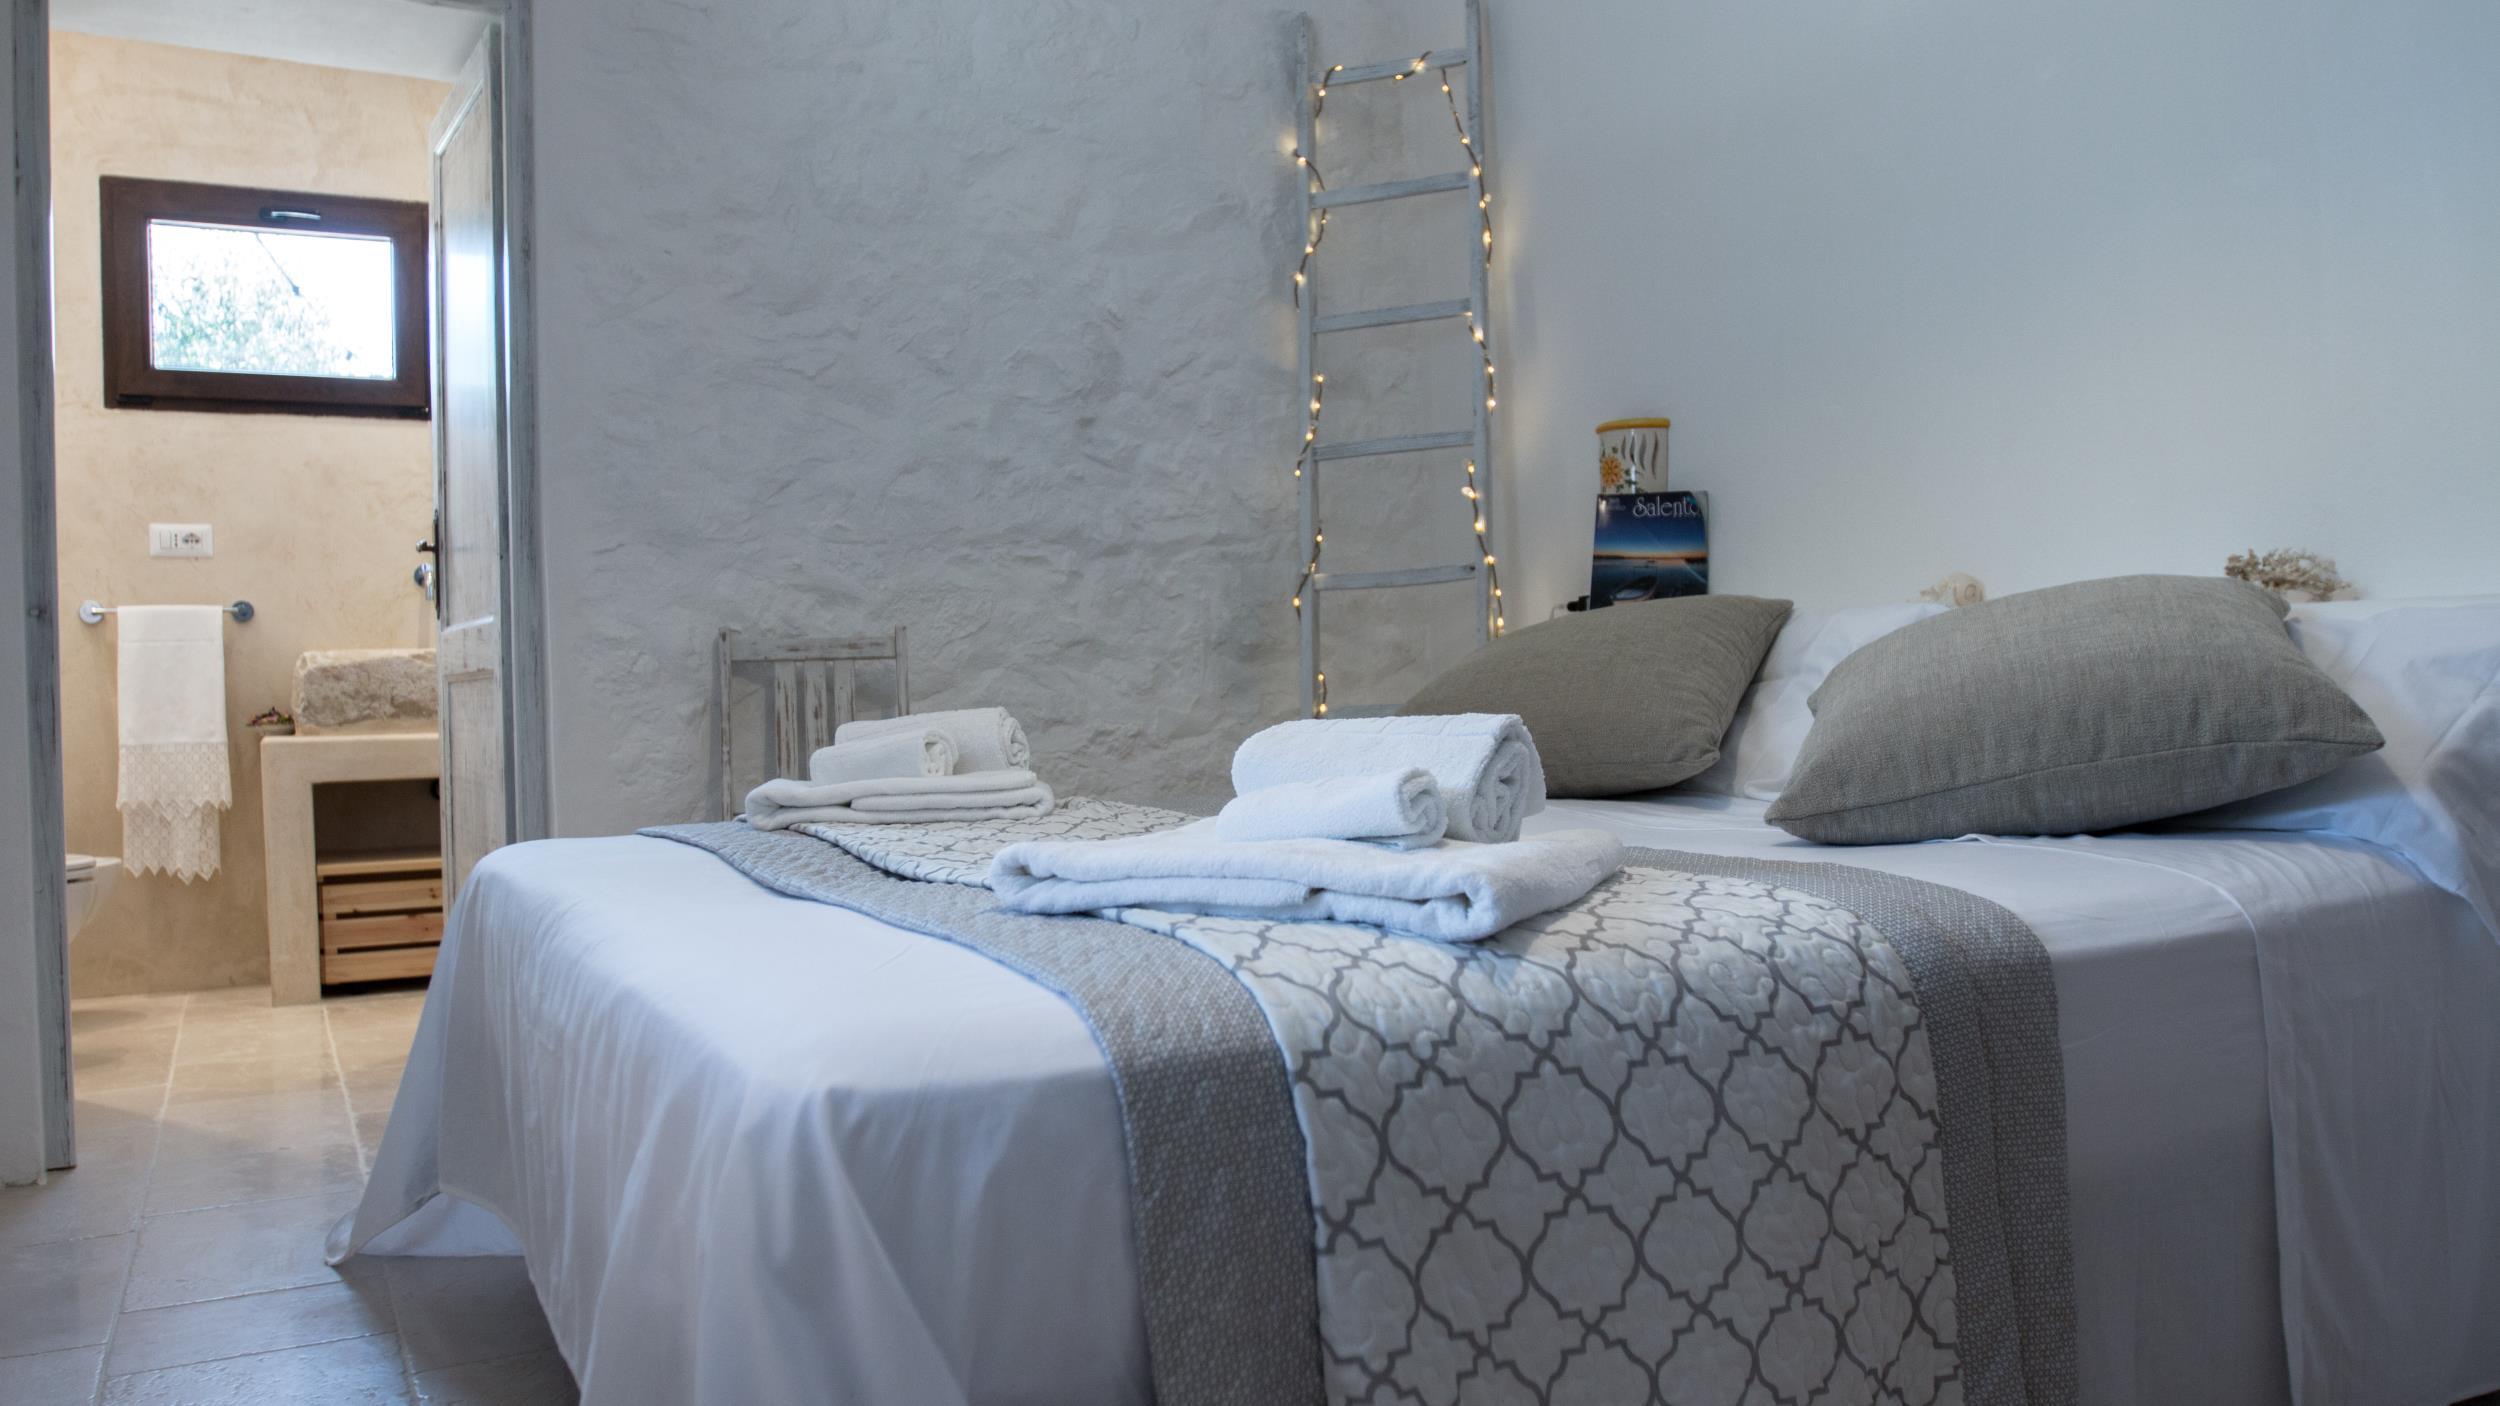 Apartment Albachiara pool house photo 22514407